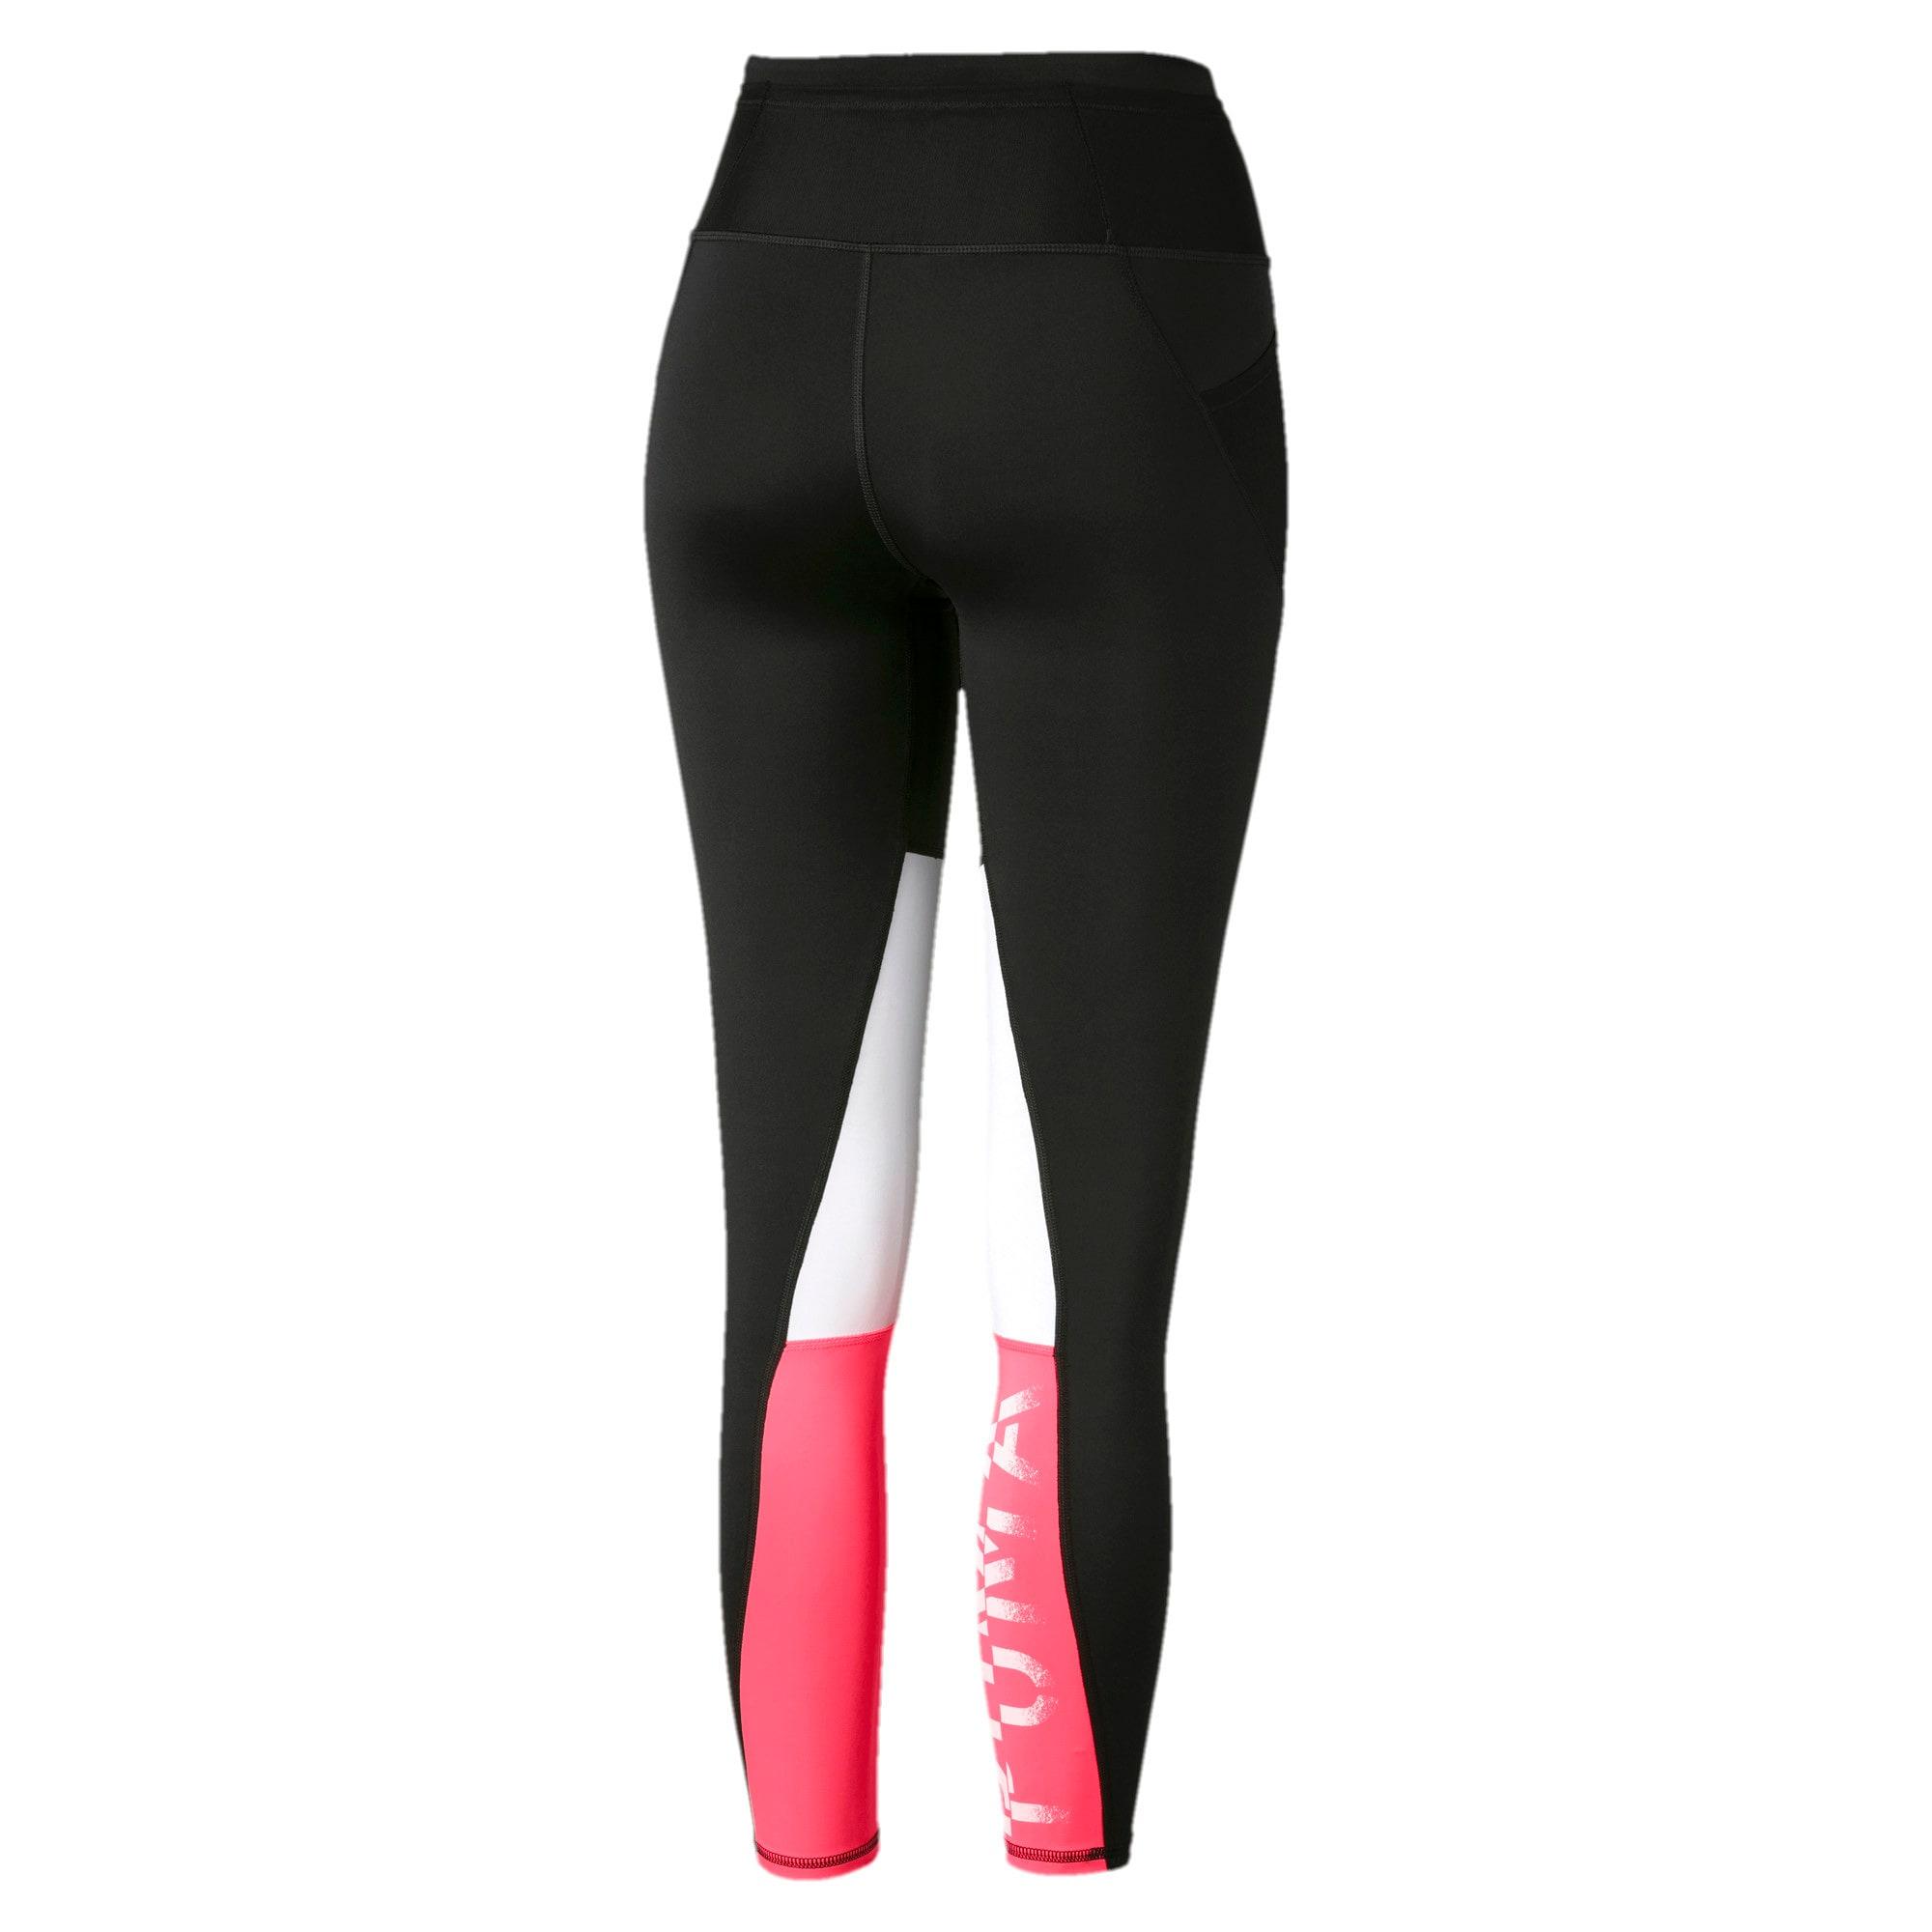 Thumbnail 5 of Feel It Women's 7/8 Leggings, Black-White-Pink Alert, medium